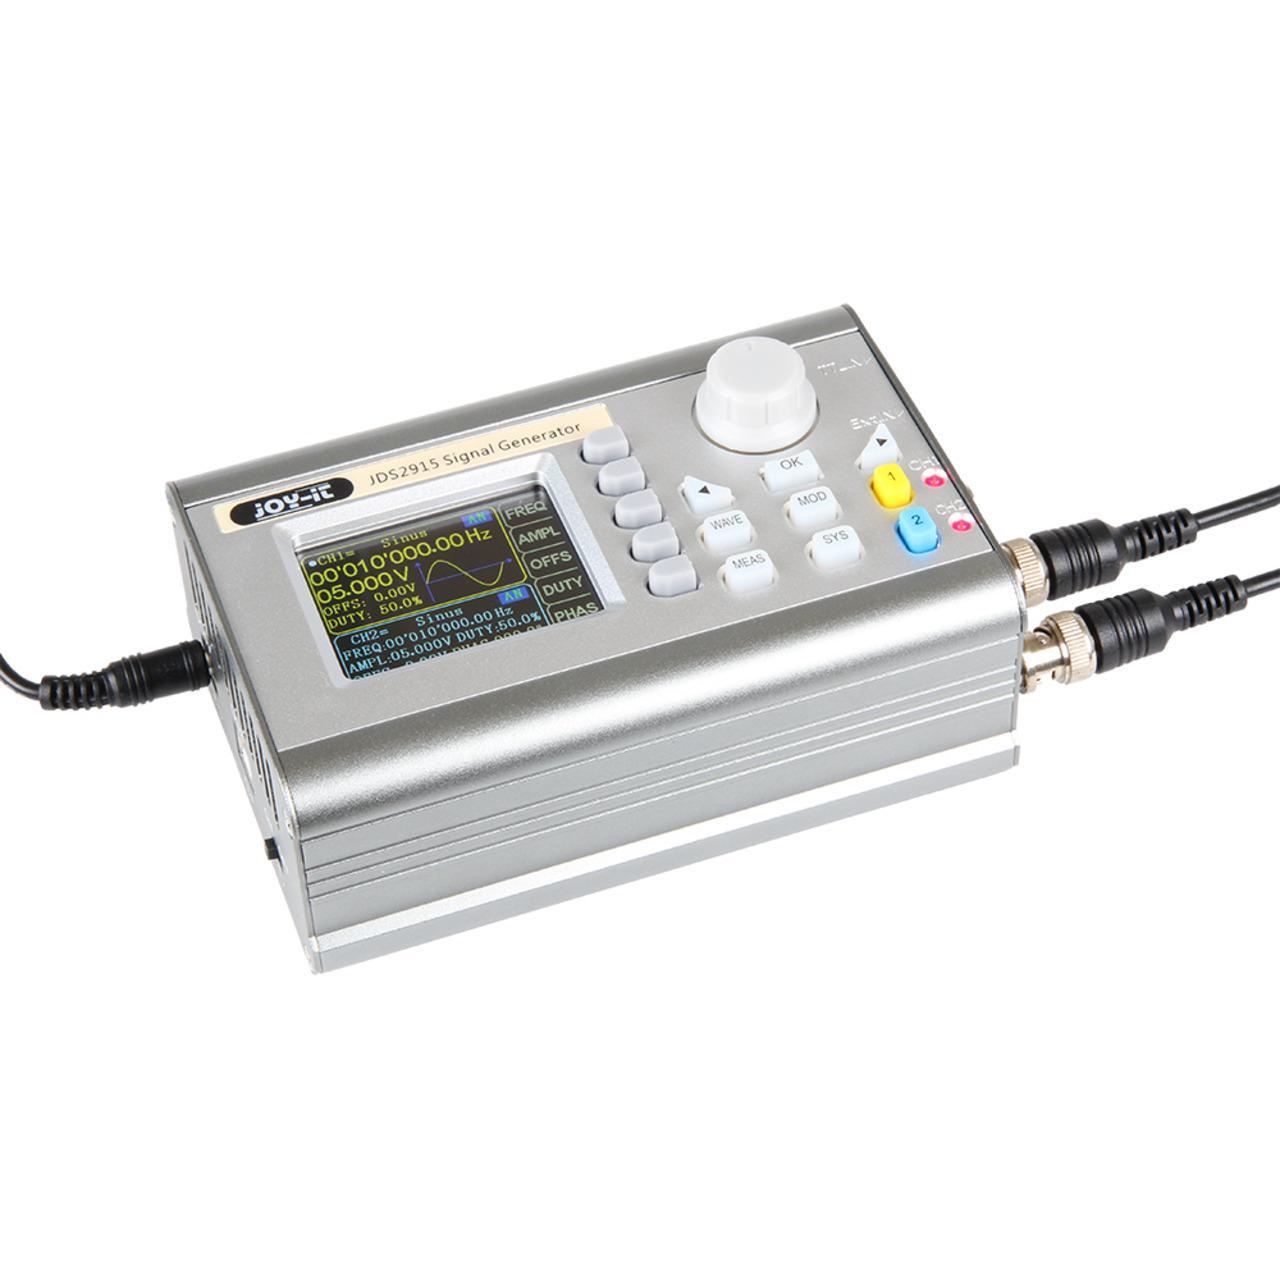 Joy-IT 2-Kanal-Signalgenerator und Frequenzzähler JT-JDS2915